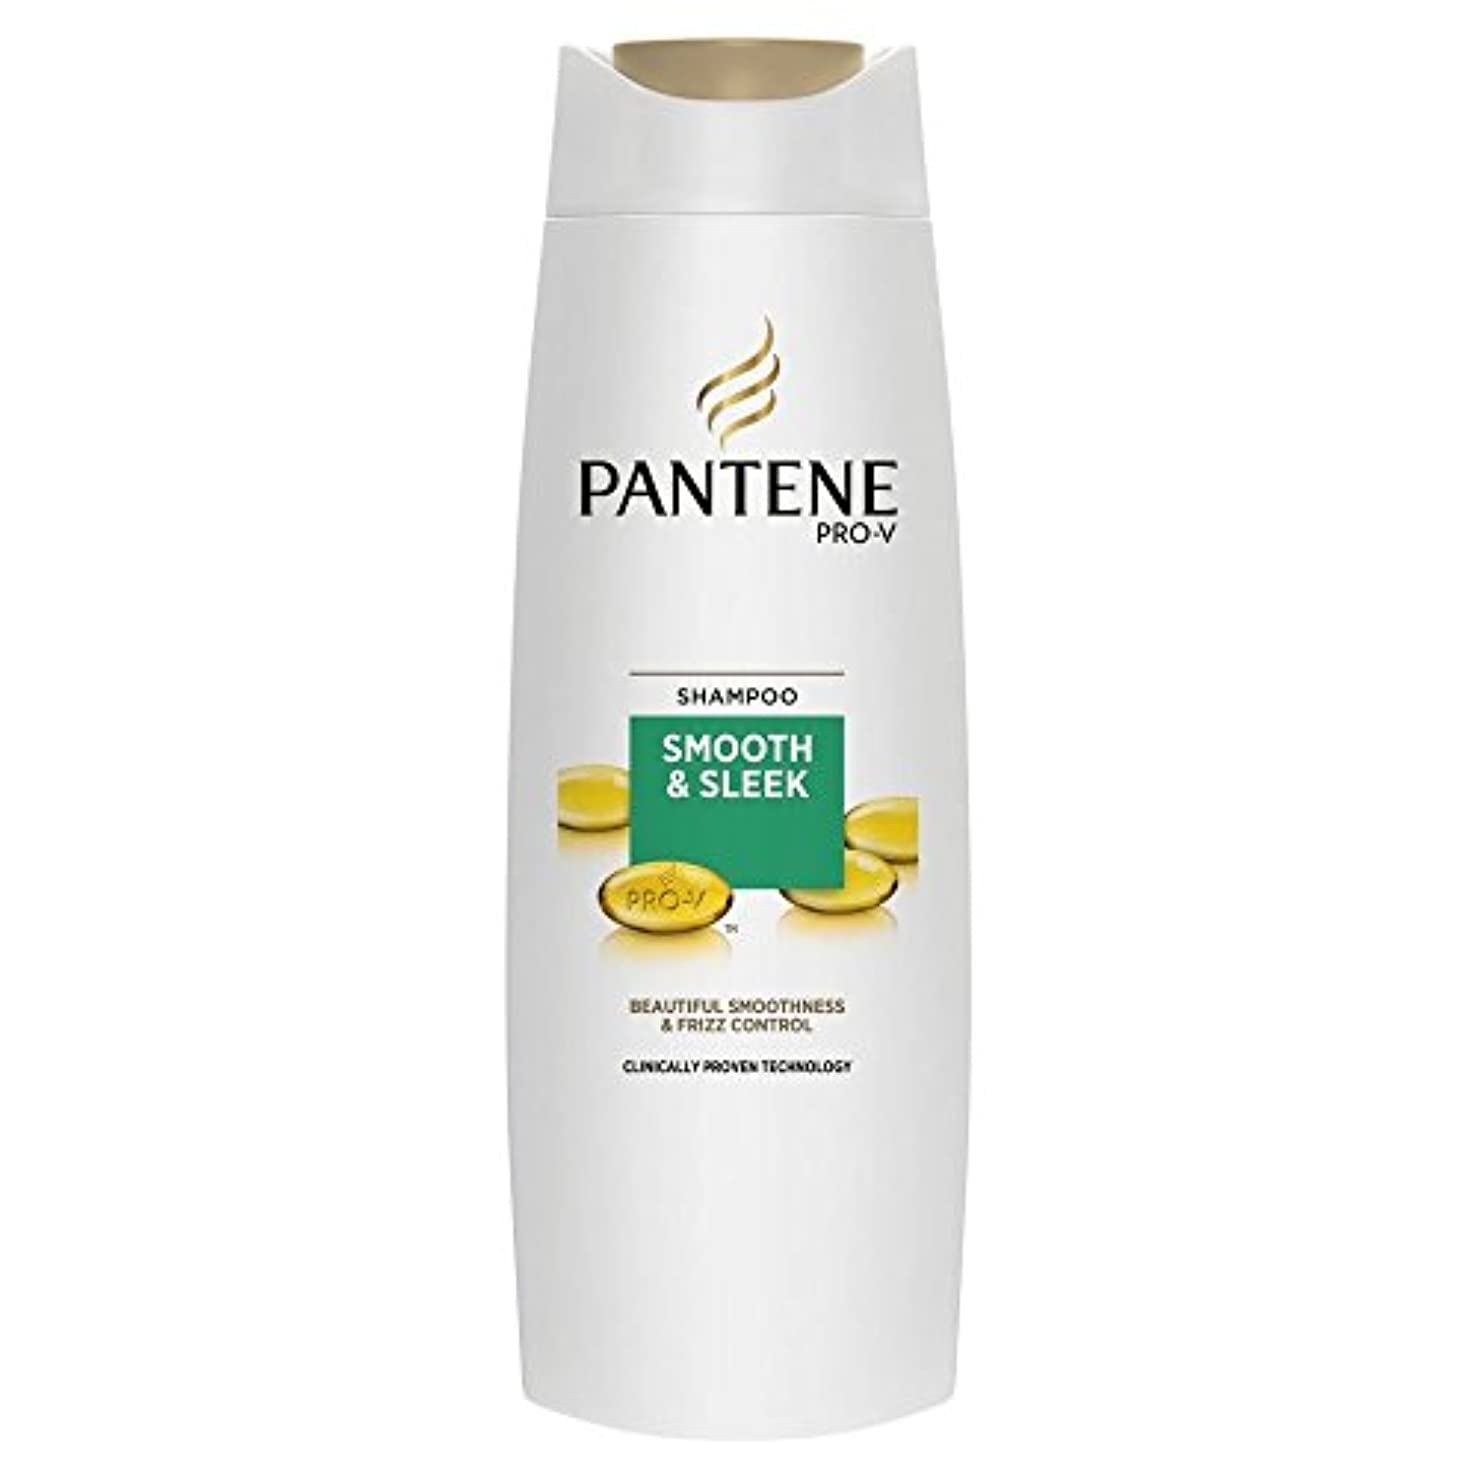 分布ロック虫Pantene Pro-V Smooth & Sleek Shampoo (400ml) パンテーンプロv滑らかで洗練されたシャンプー( 400ミリリットル) [並行輸入品]